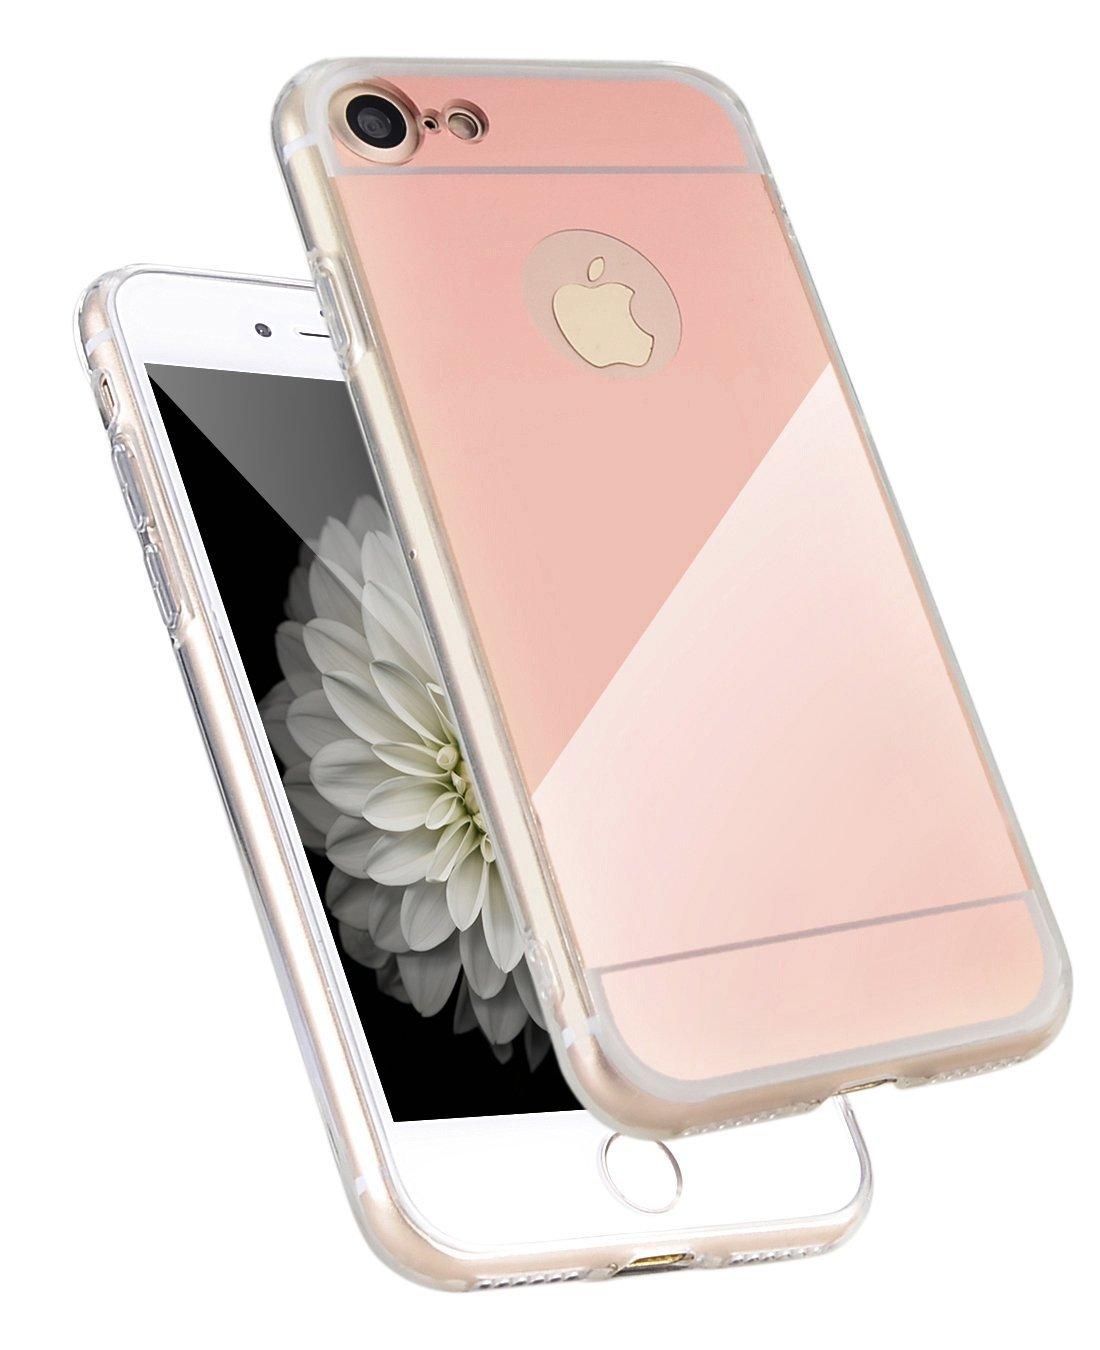 Zrcadlový kryt My Mirror pro iPhone 7 - Růžově zlatý (rose gold)